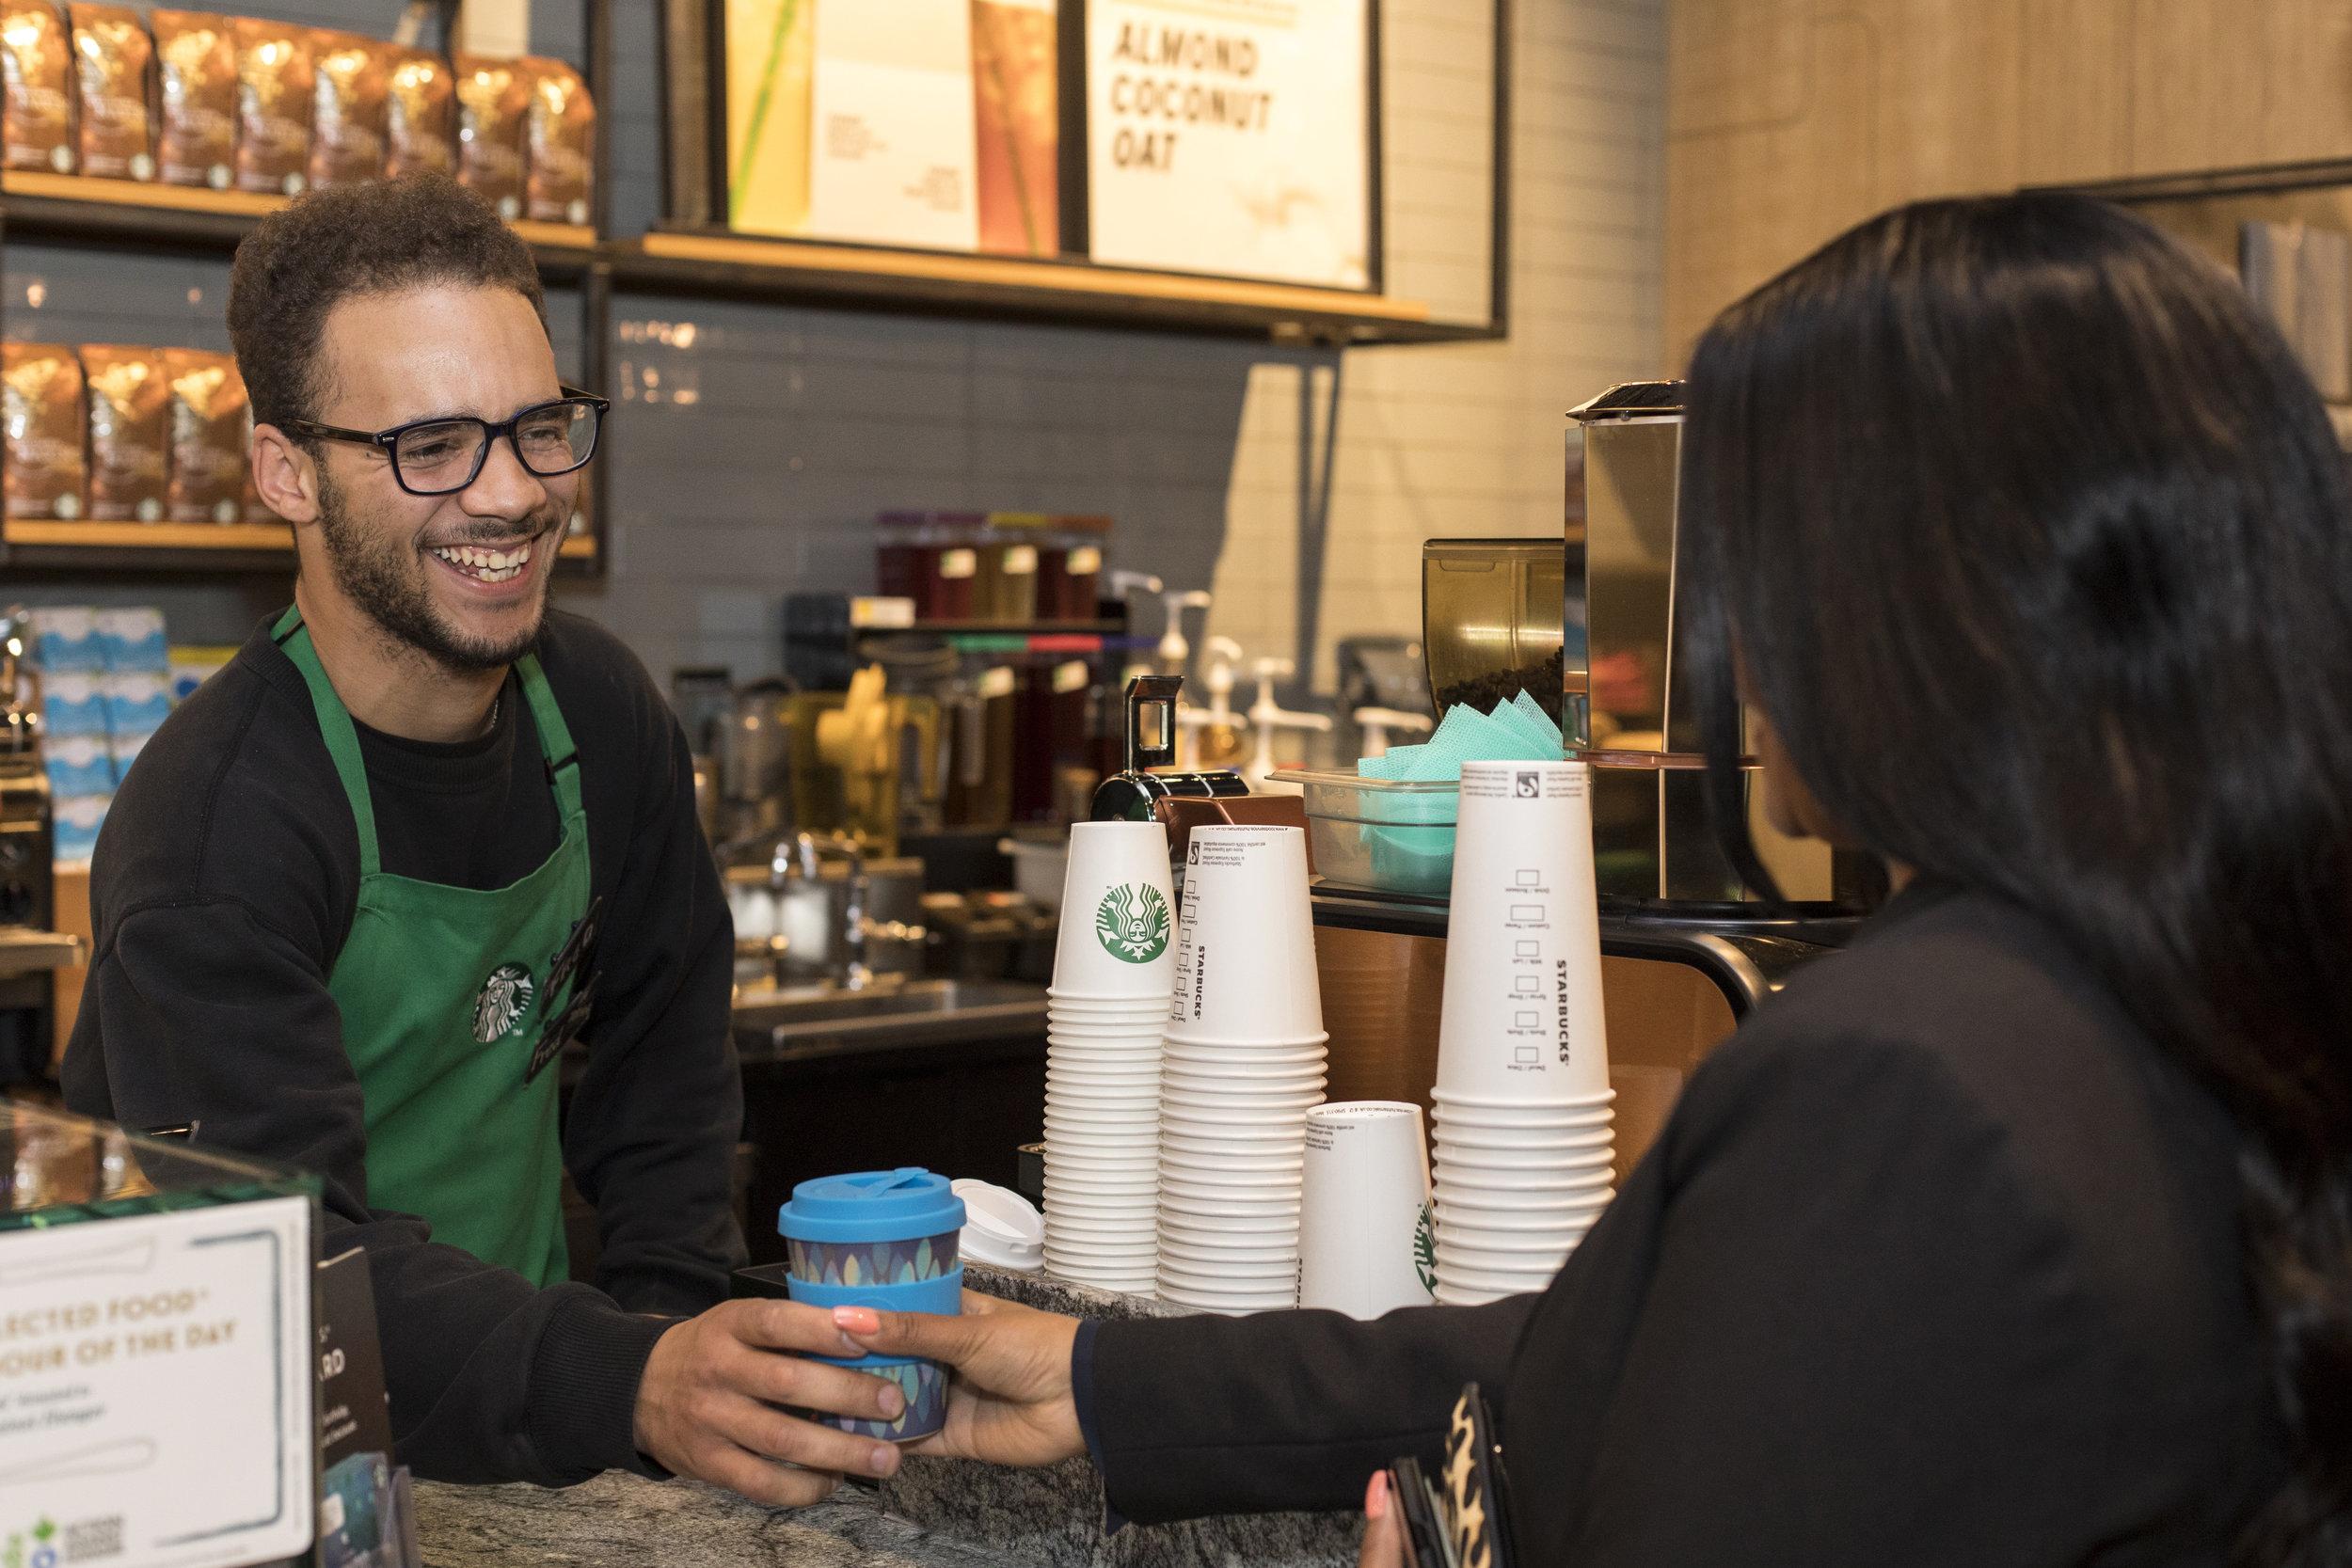 Hubbub_Starbucks.jpg